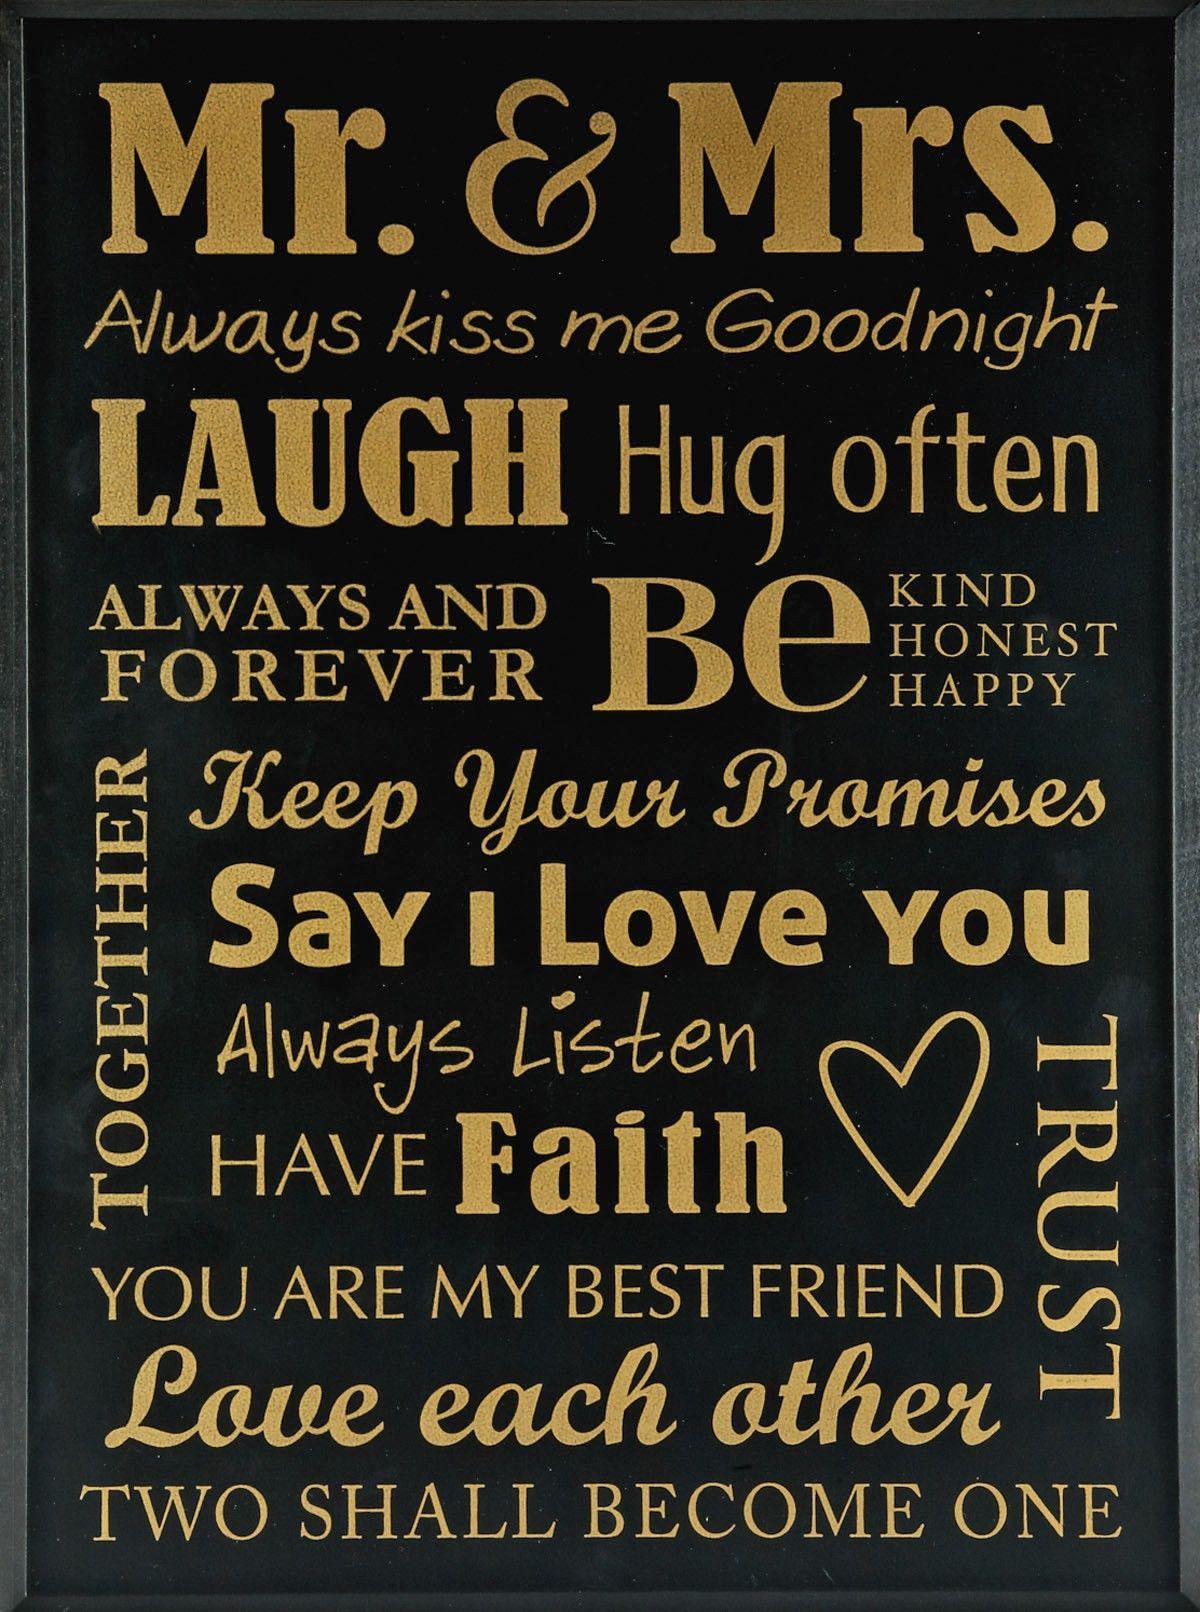 """""""Mr. & Mrs Always kiss me Goodnight, Laugh,Hug often"""